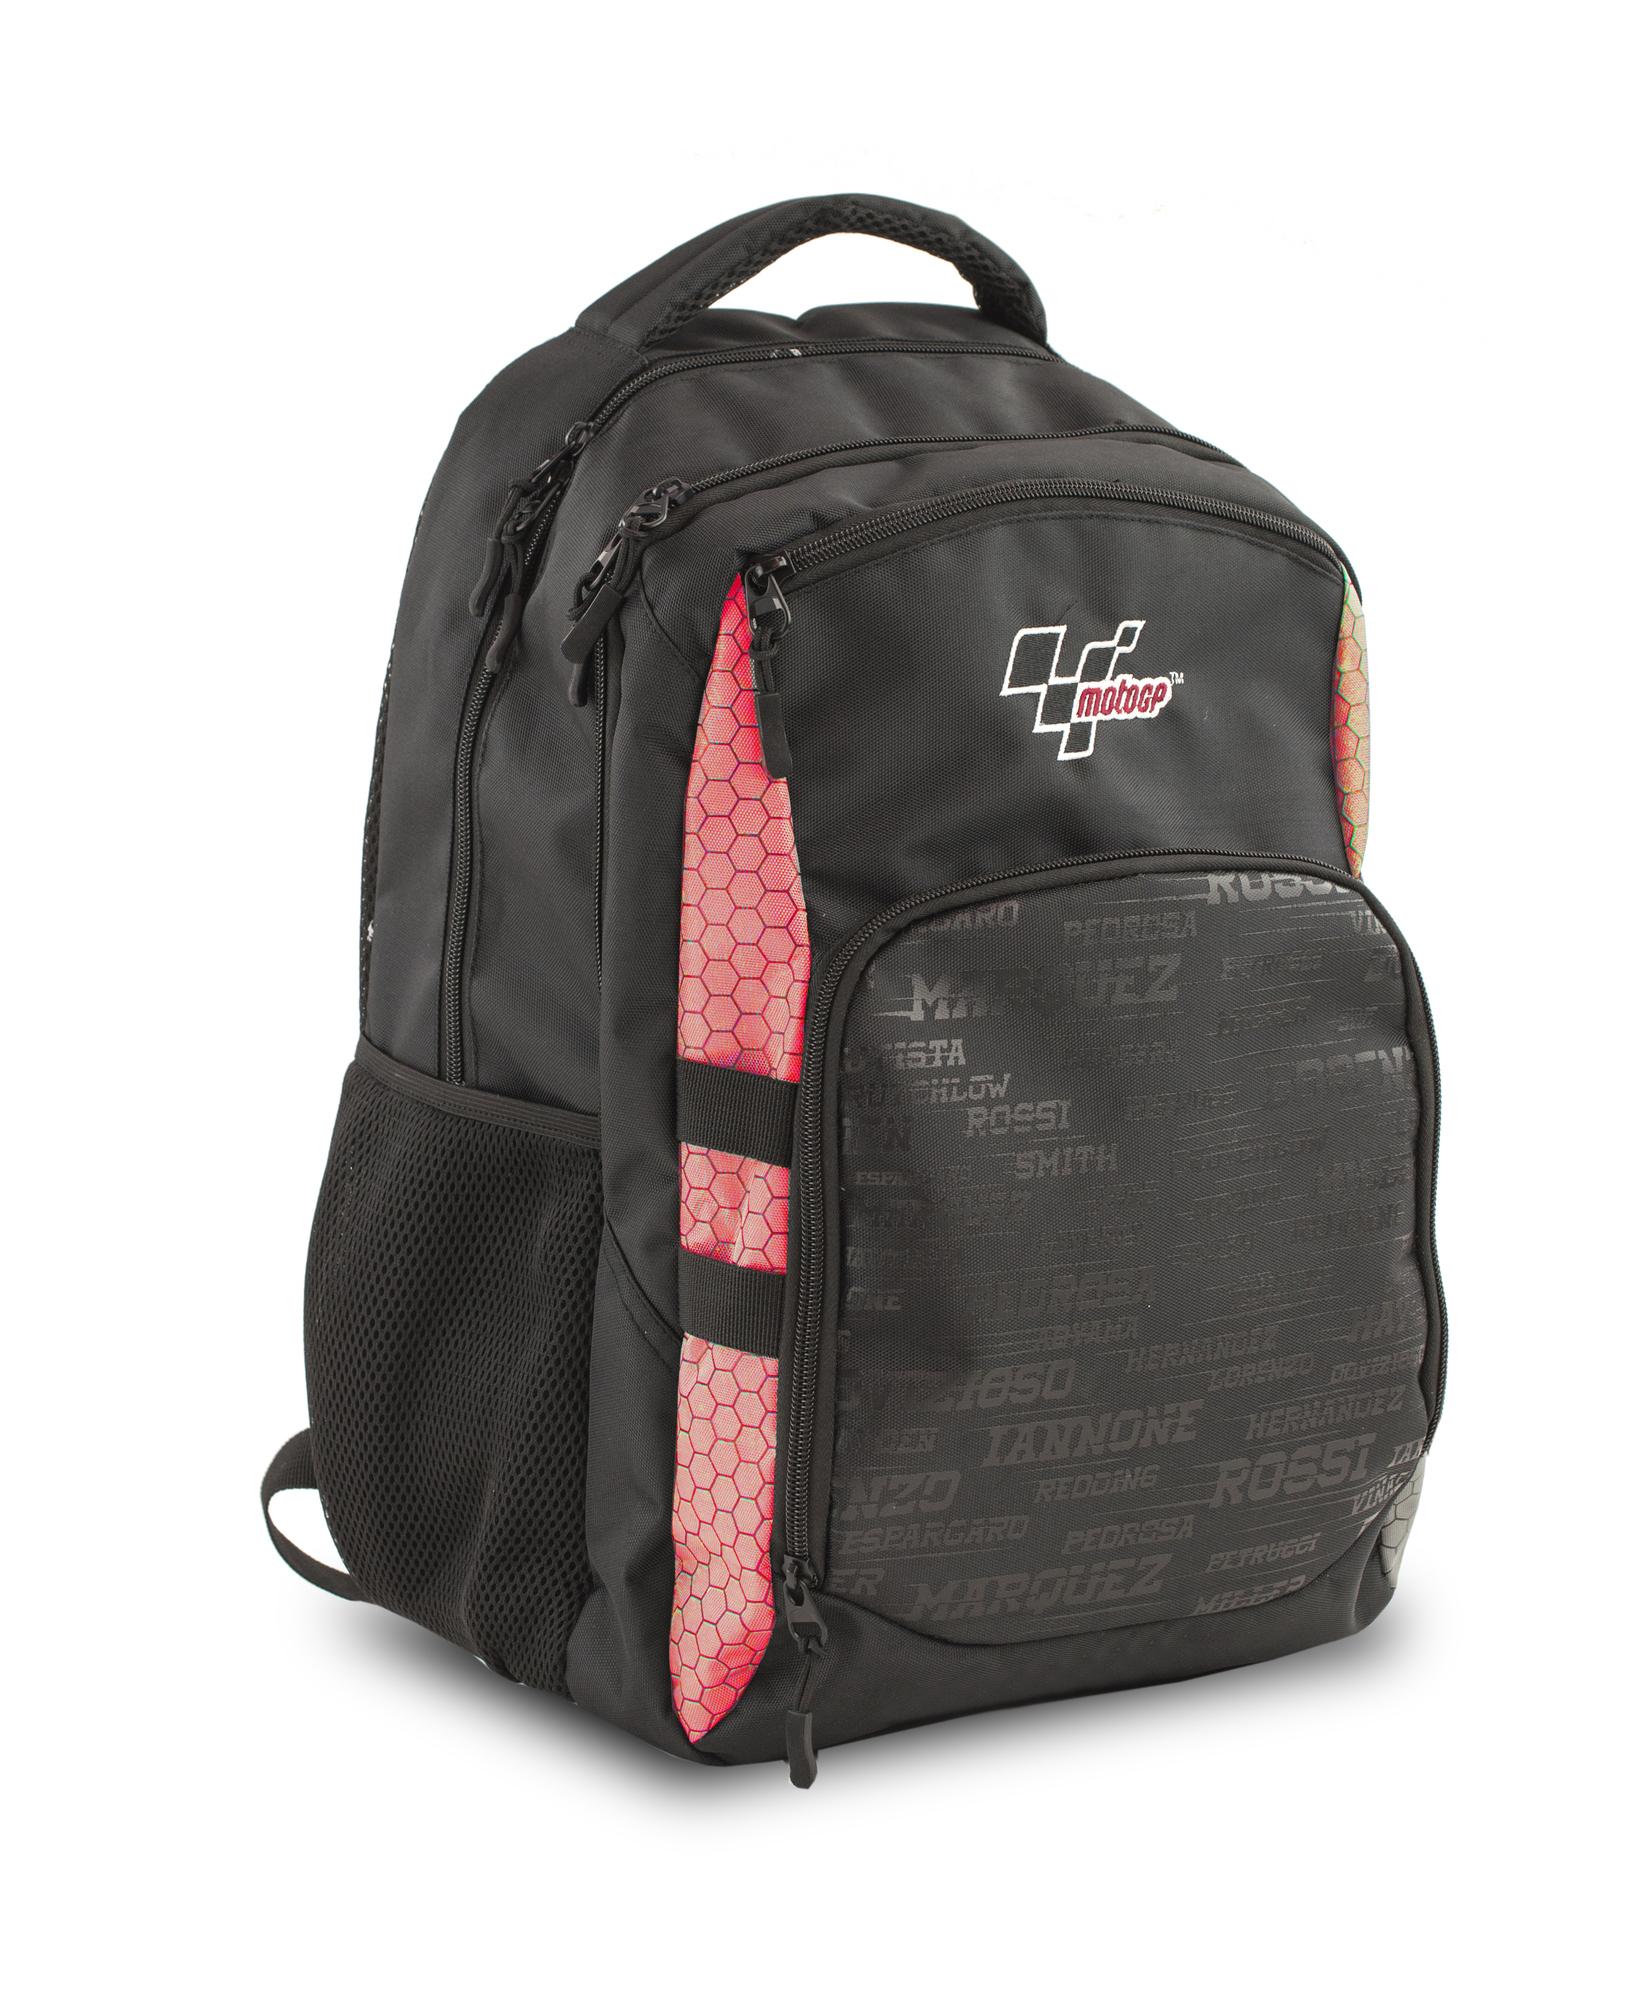 Moto GP Batoh černý/červený, s přední kapsou